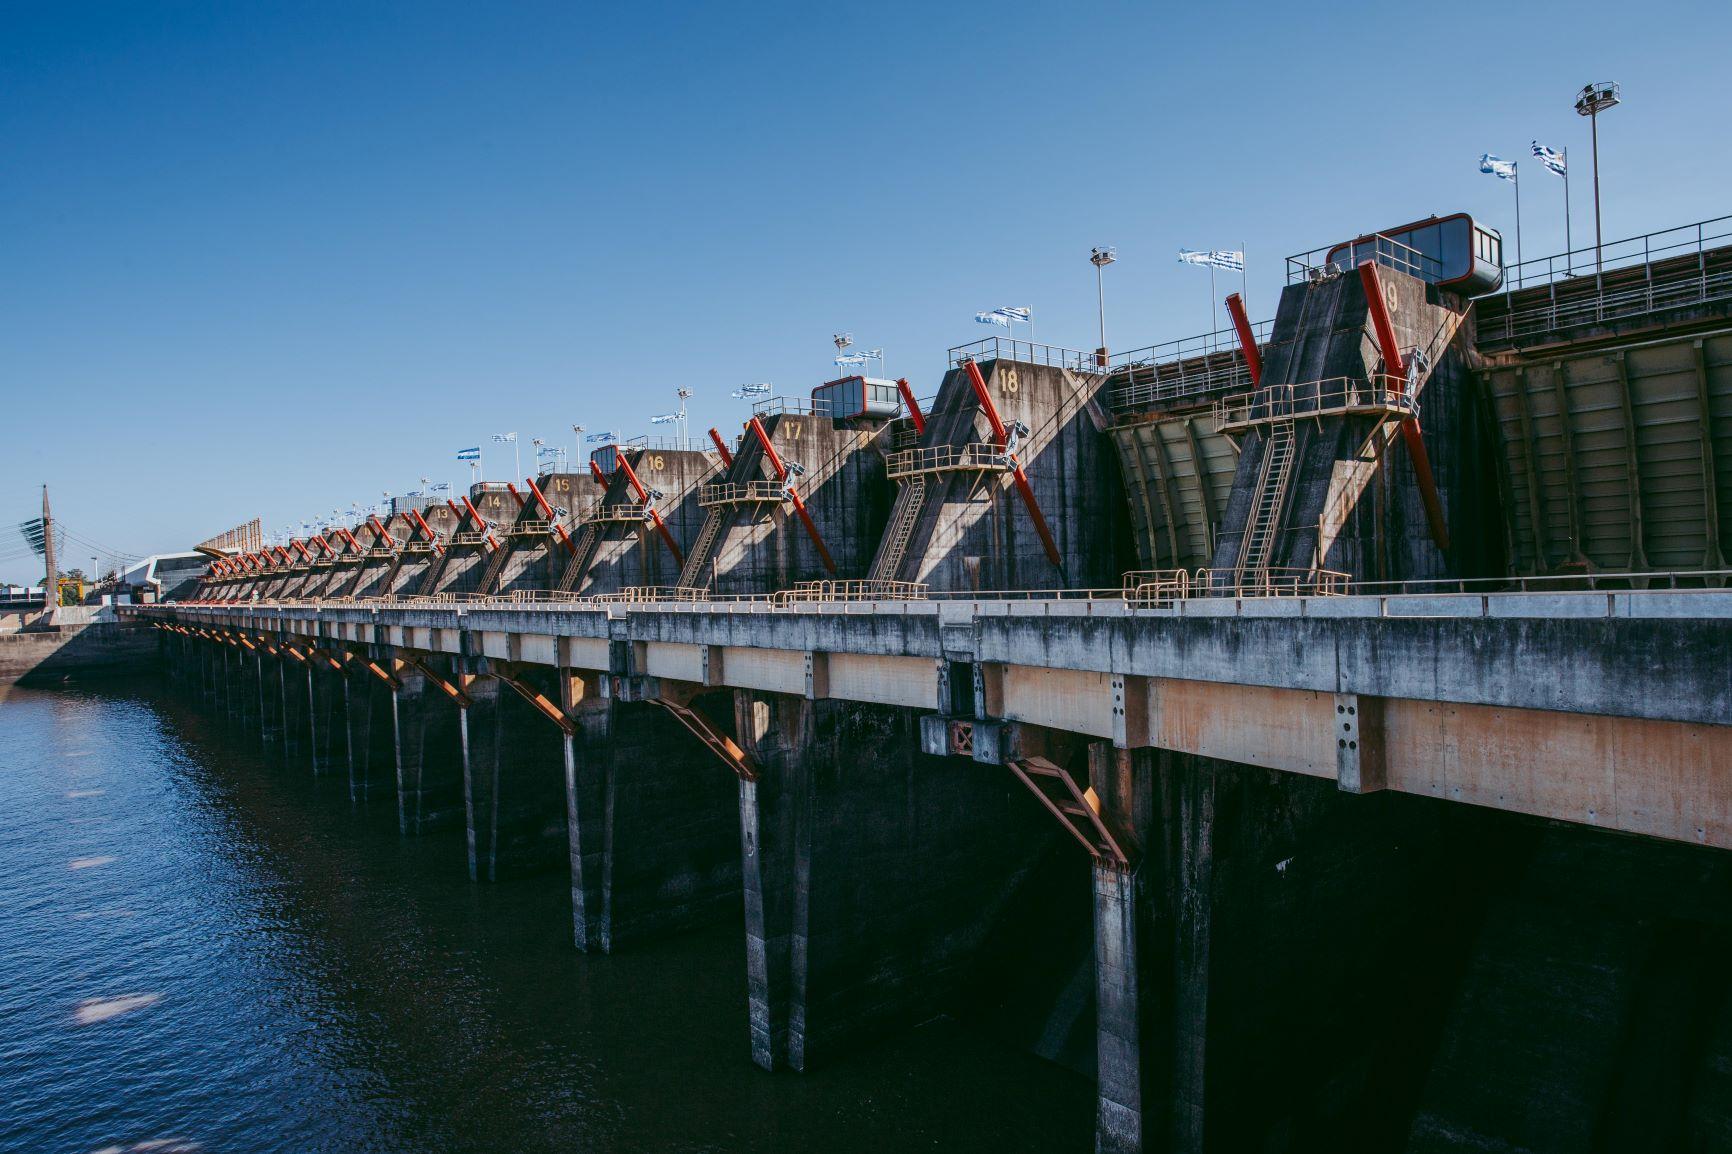 Veinte interesados en modernización de hidroeléctrica de 1.890MW Salto Grande